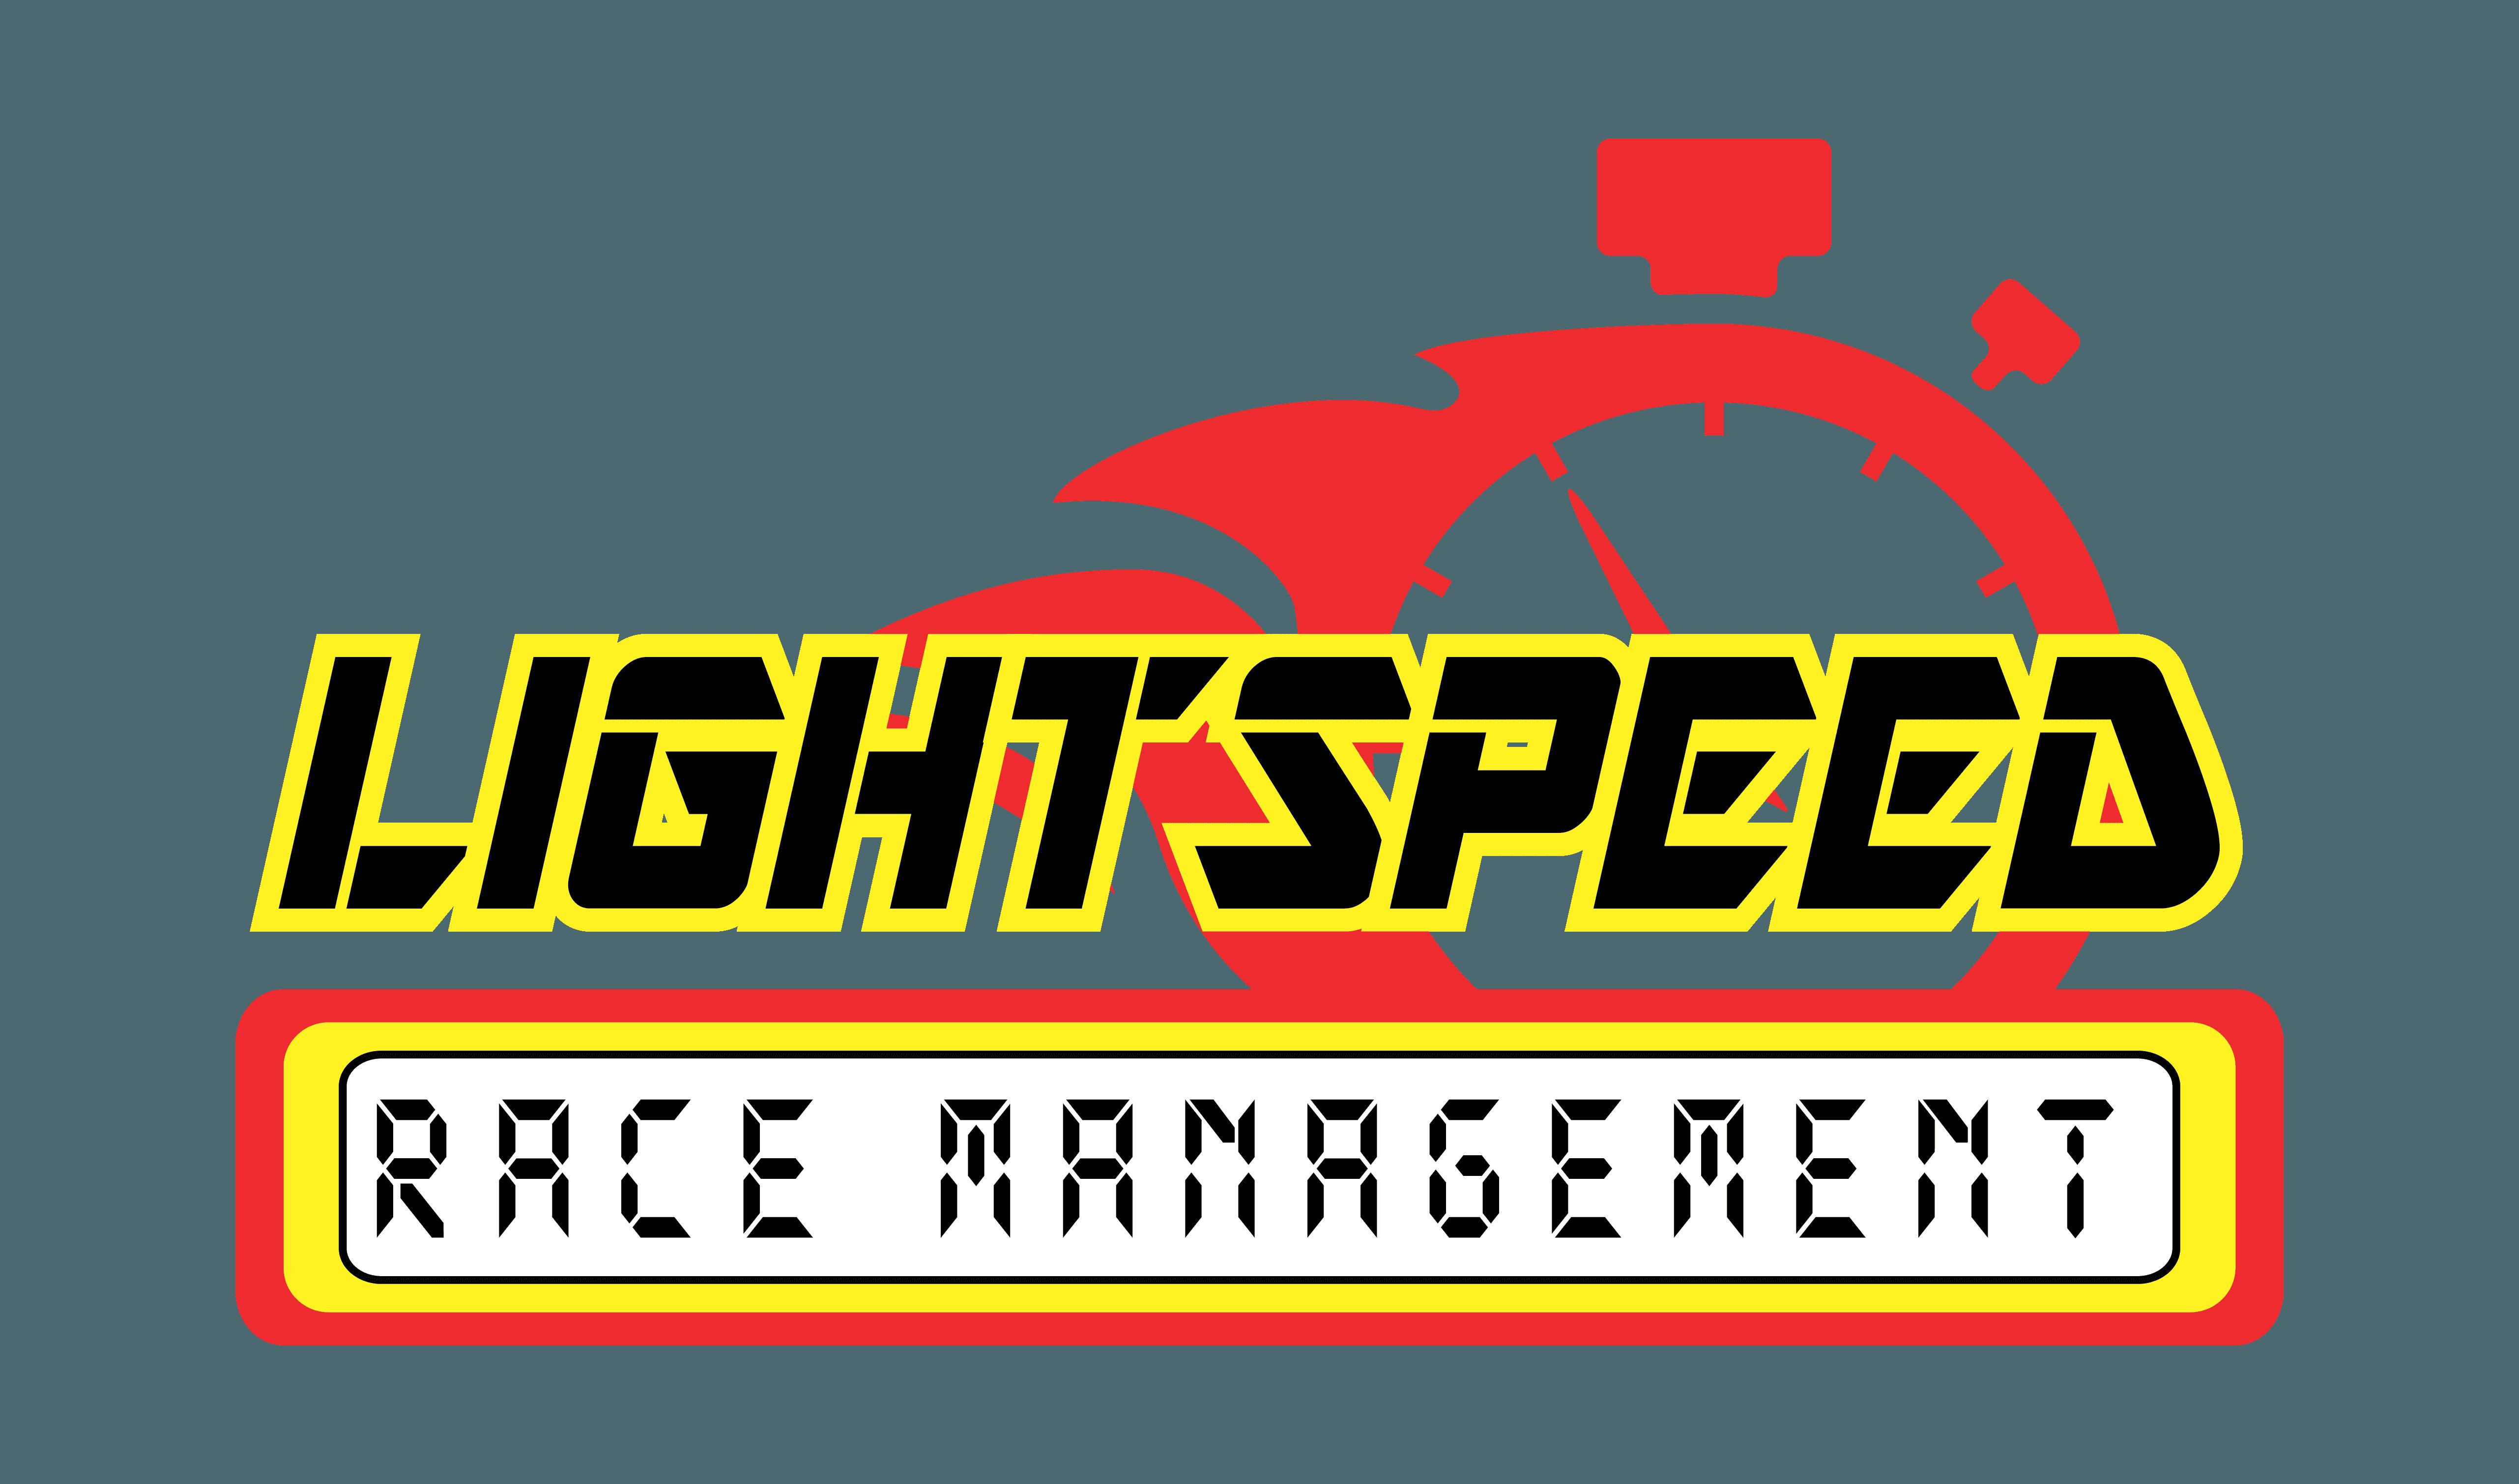 LightSpeed Race Management Logo